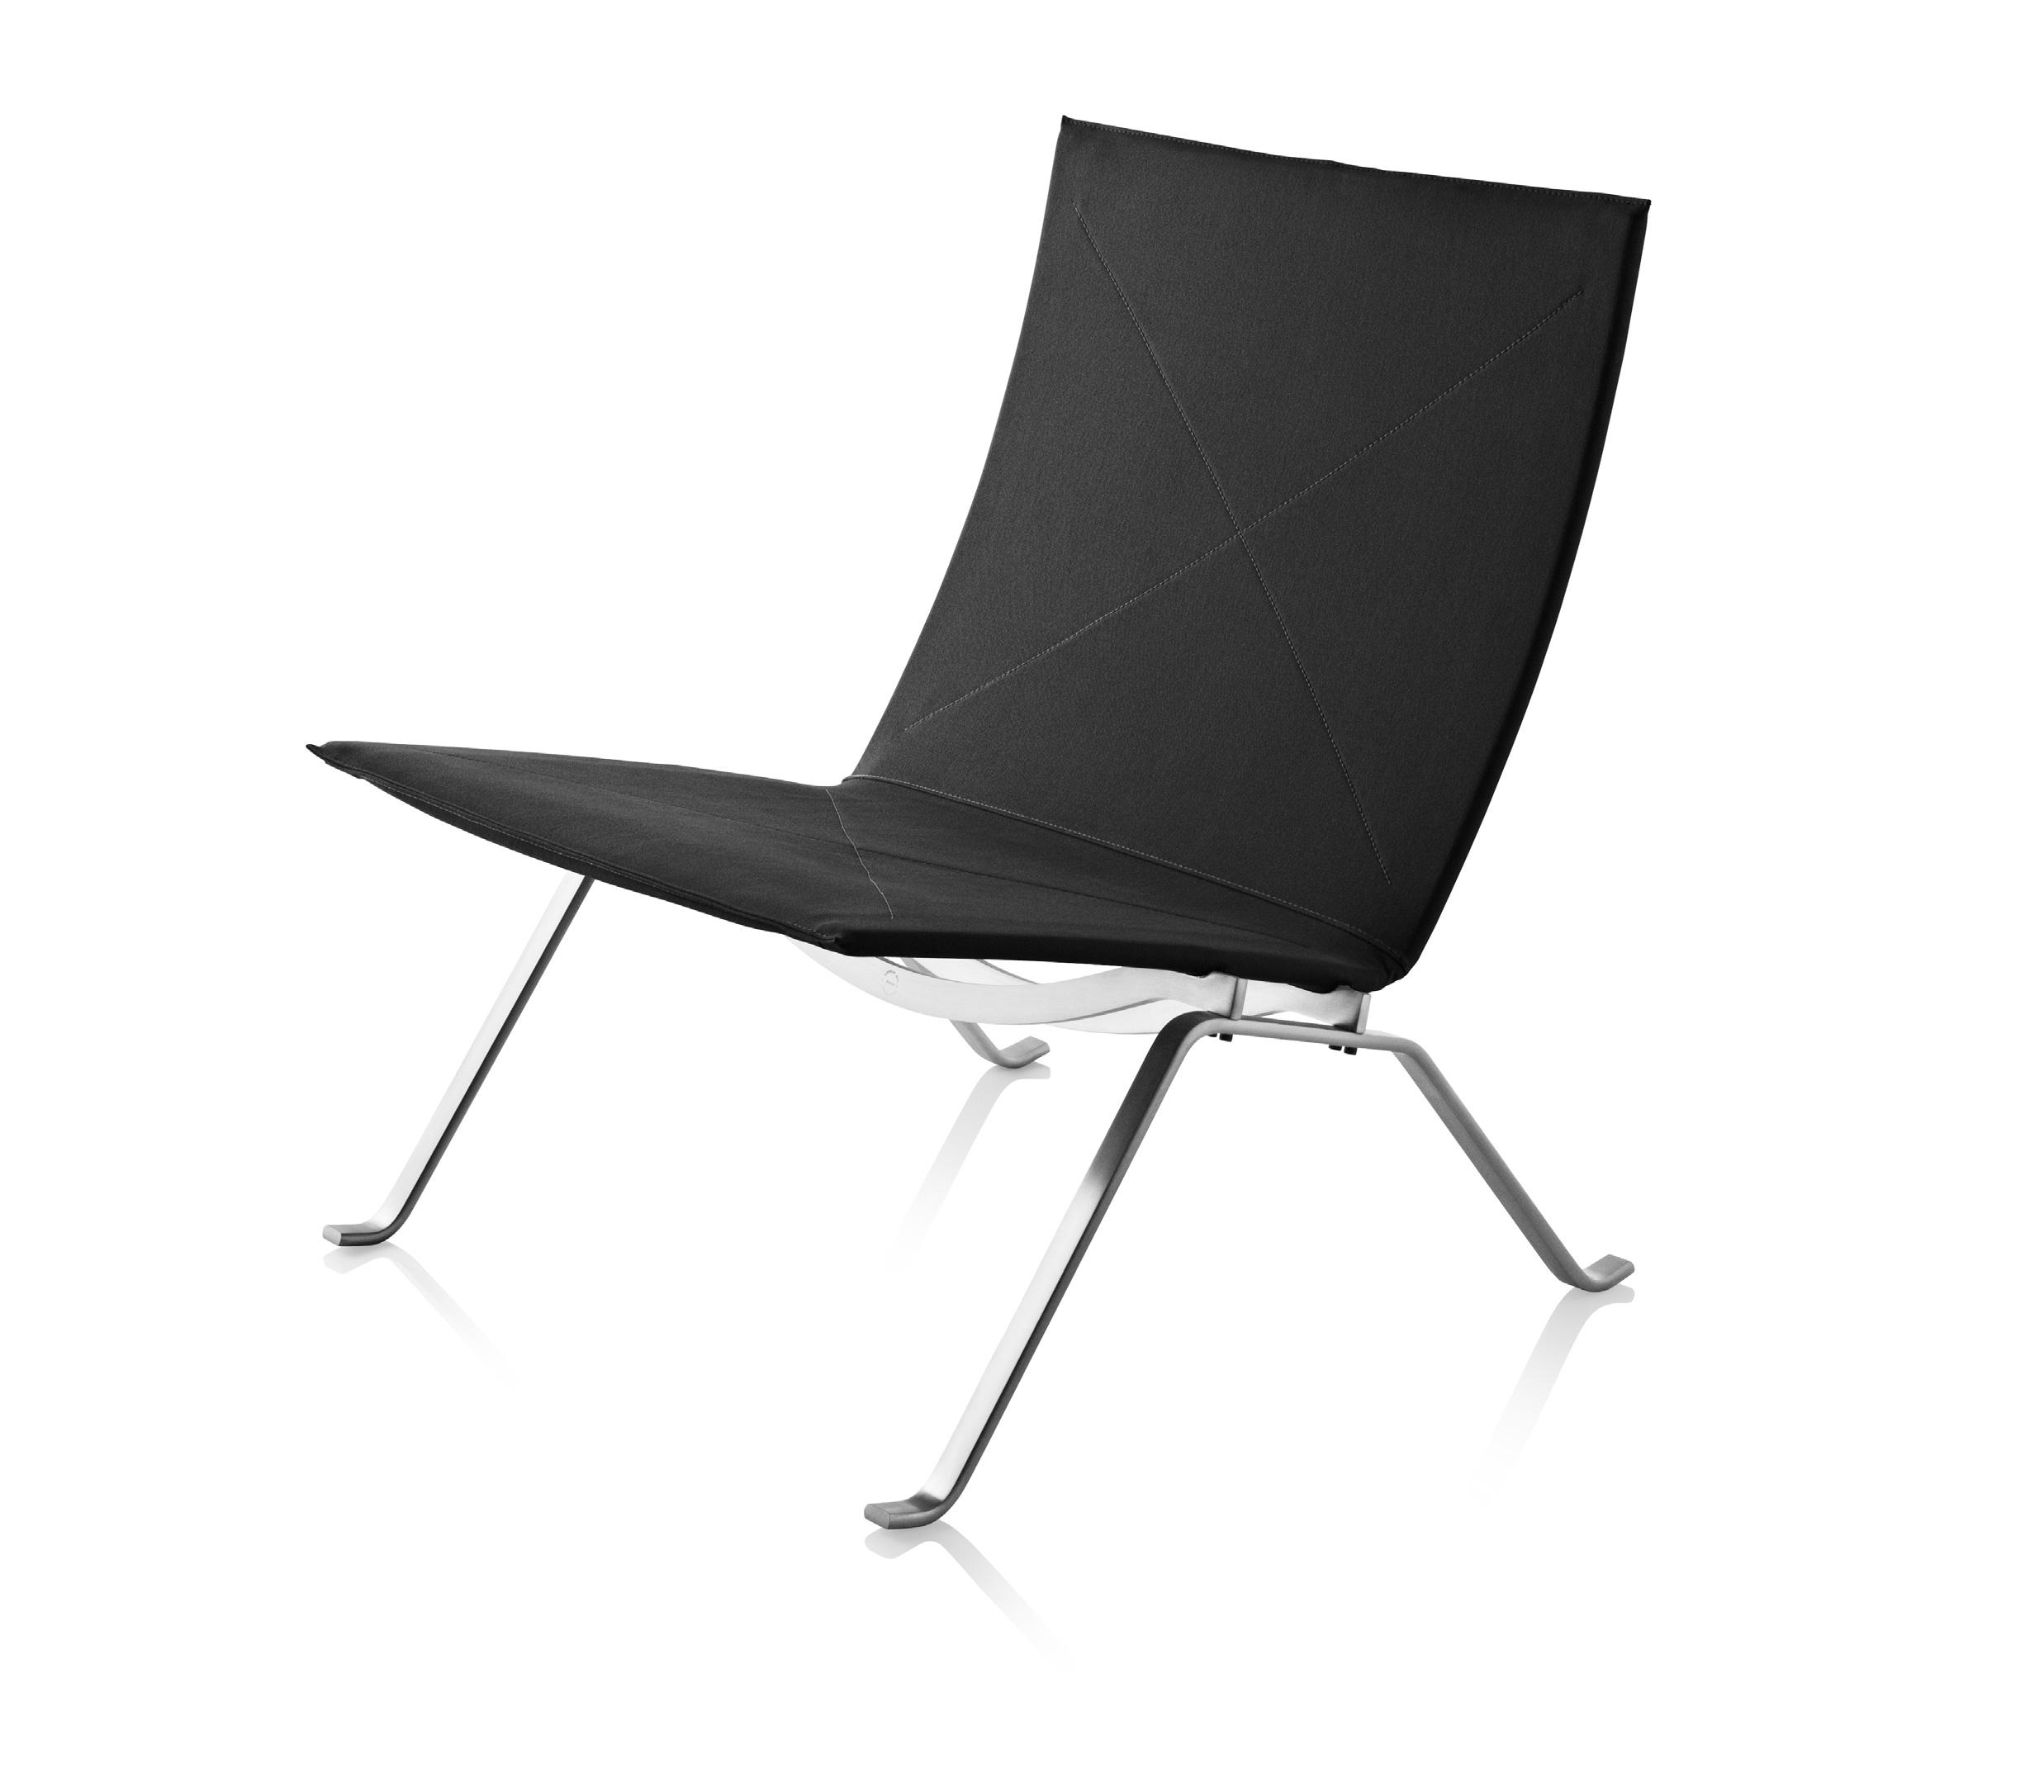 Poul Kj Rholm Pk22 Lounge Chair